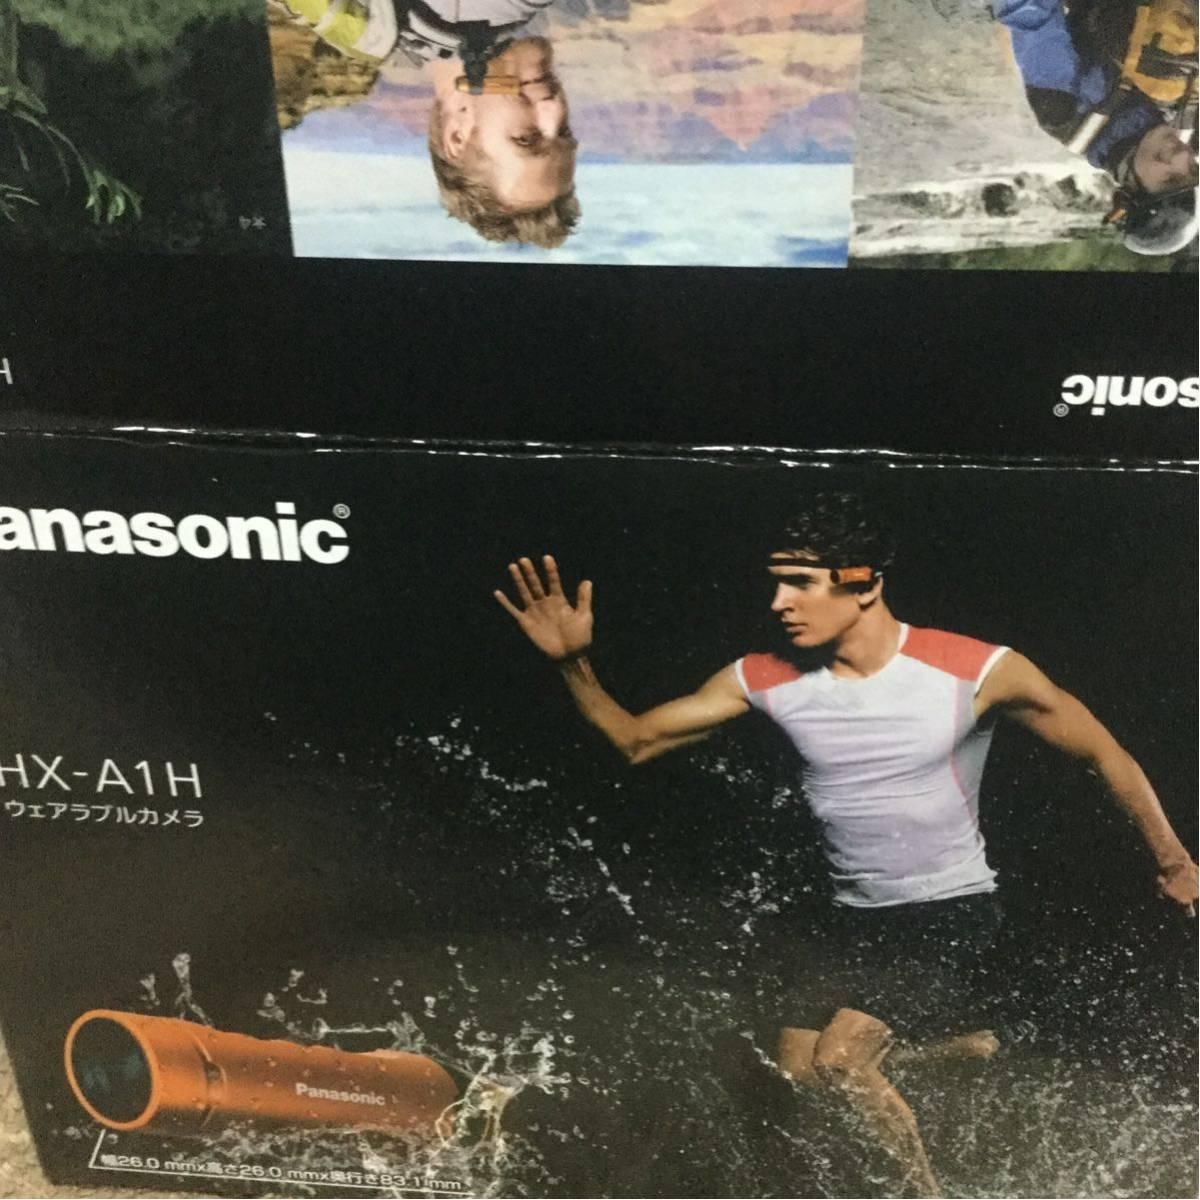 パナソニック Panasonic HX-A1H ウェアラブルカメラ ブラック 美品 アクションカメラ